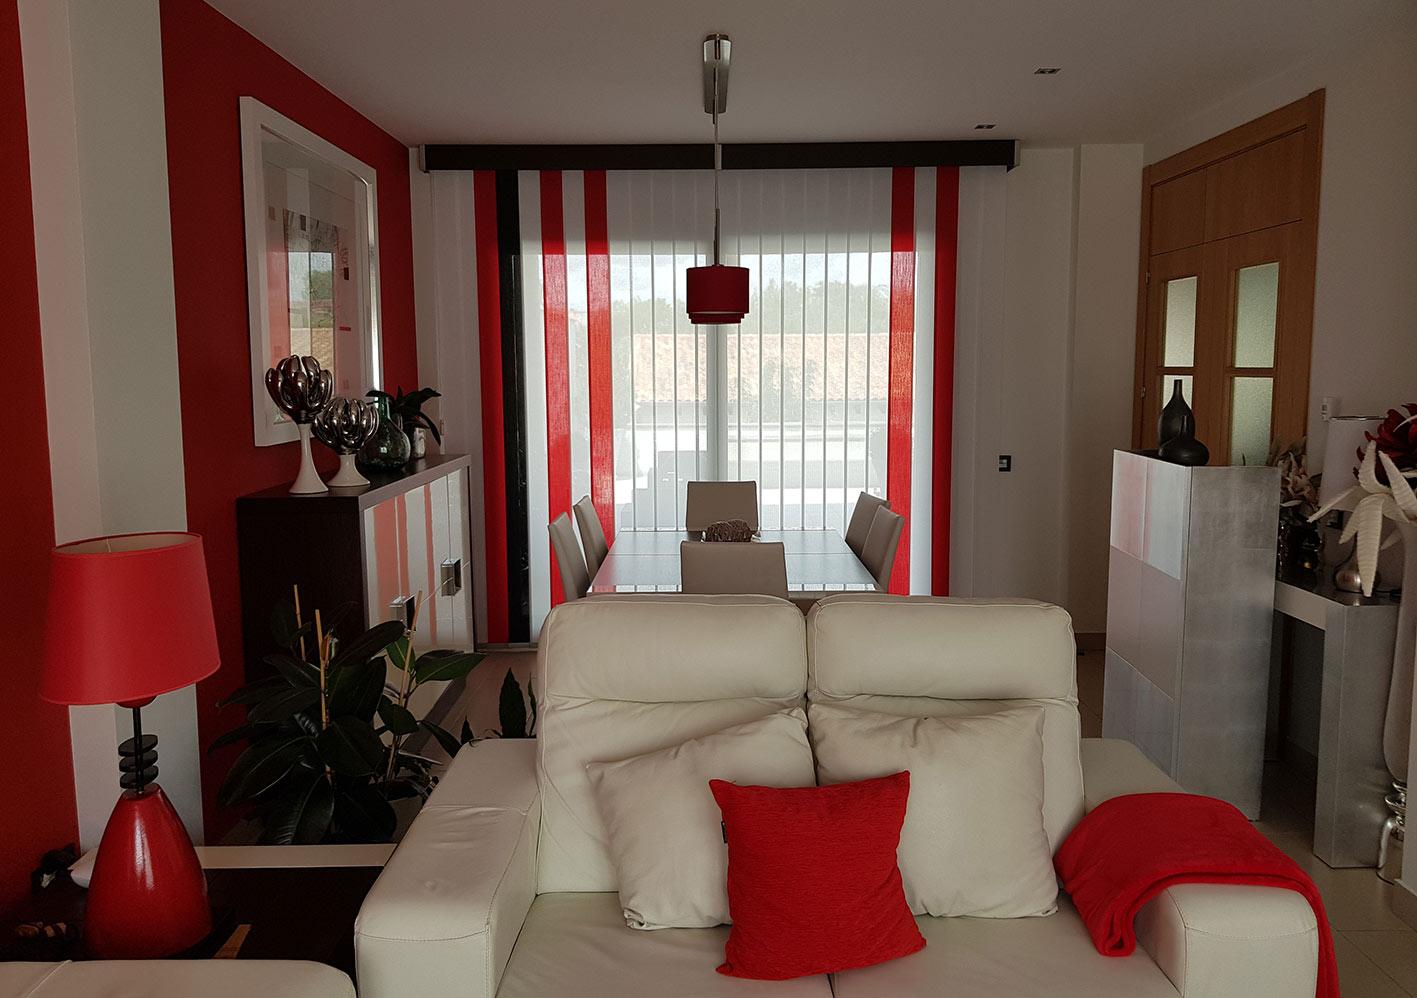 Salón decorado con cortinas verticales combinadas y galería decorativa.